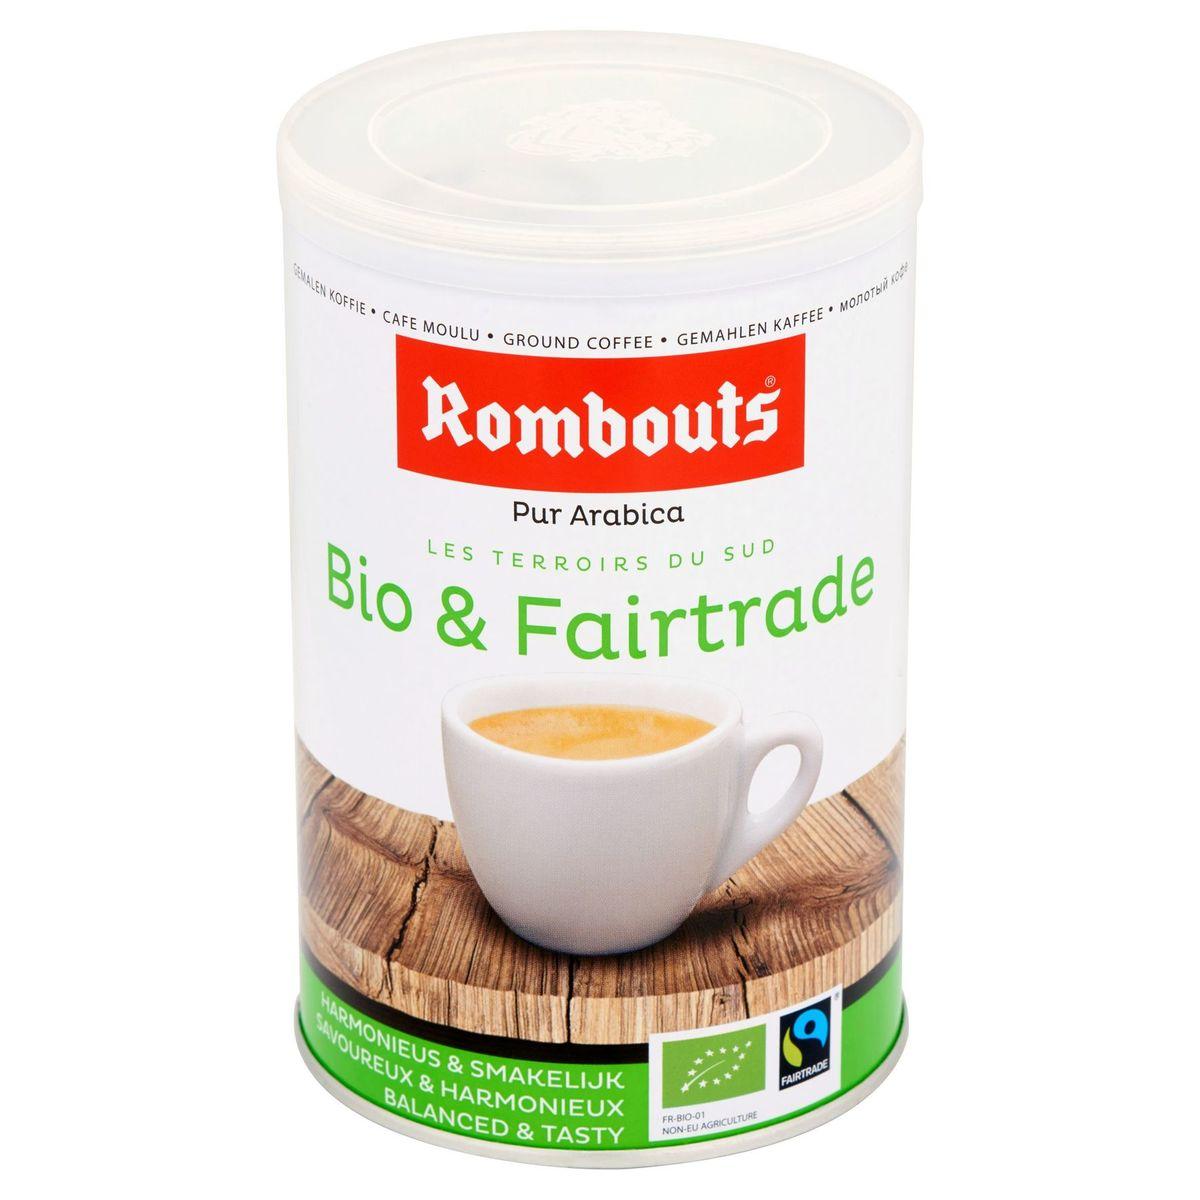 Rombouts Café Moulu Pur Arabica Bio & Fairtrade 250 g